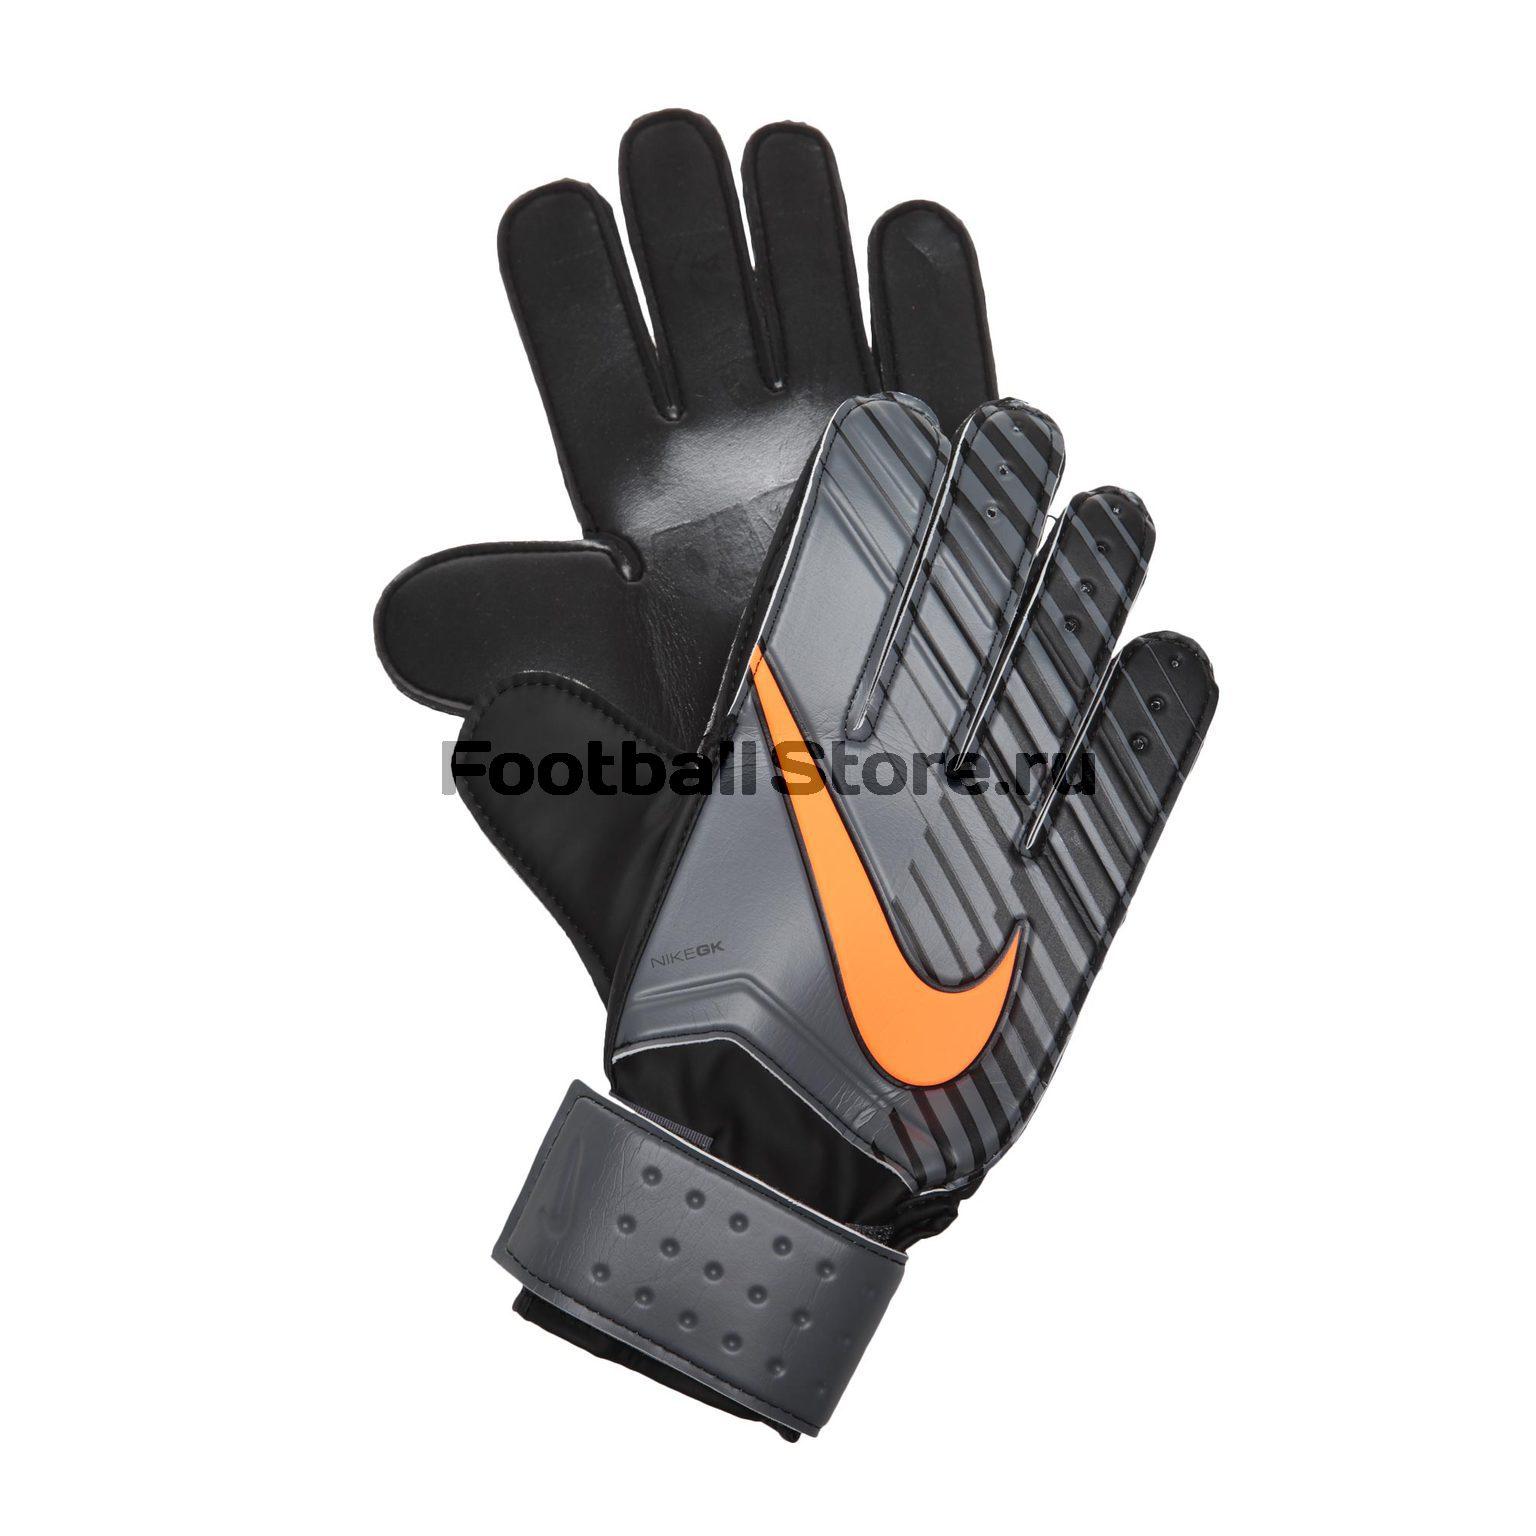 Перчатки вратарские Nike NK GK Match GS0344-089 одежда для гольфа nike 639790 101 010 089 639790